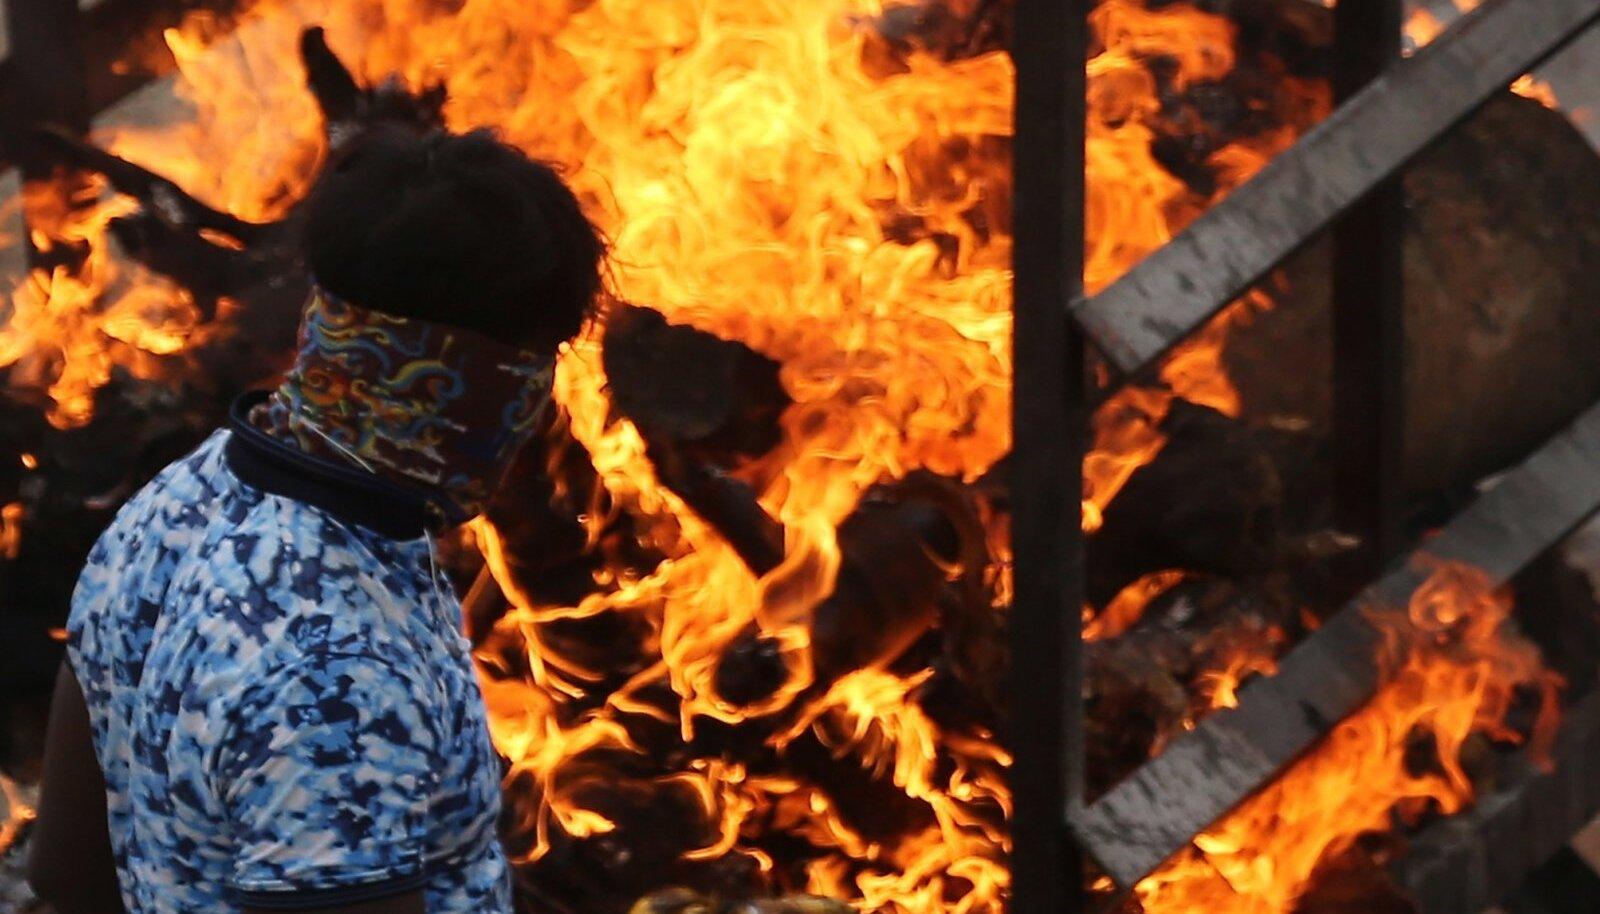 TULEMÖLL: Mees jälgib järjekordset põletusmatust Bangalore äärelinnas. Osades India linnades on krematooriumite päevane töömaht kasvanud võrreldes varasemaga kümnekordselt.